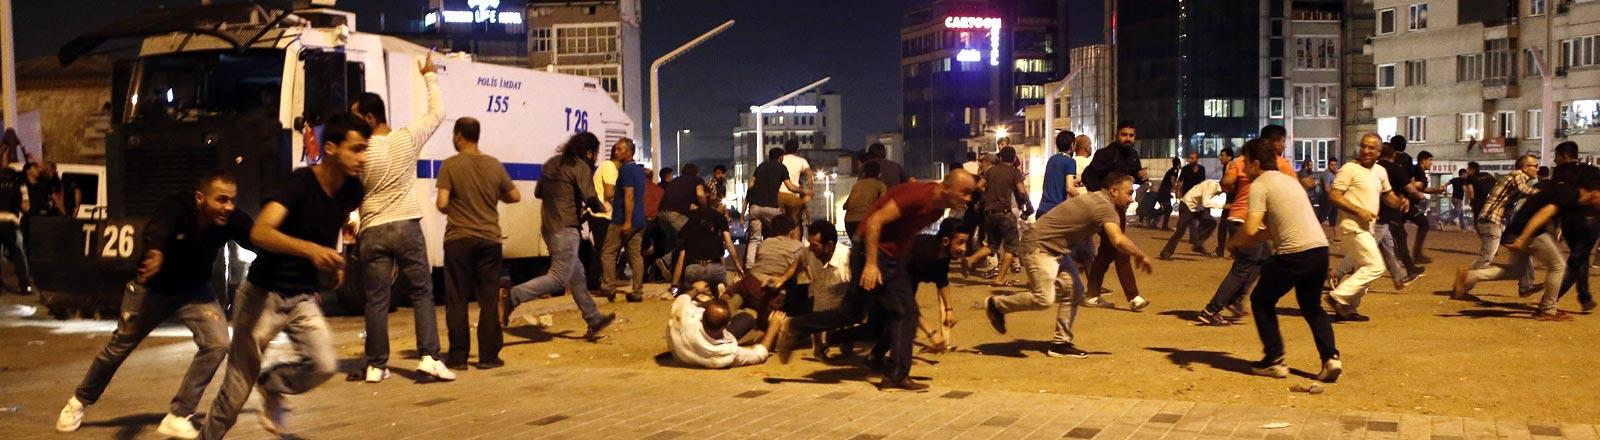 Tumultartige Zustände auf den Straßen